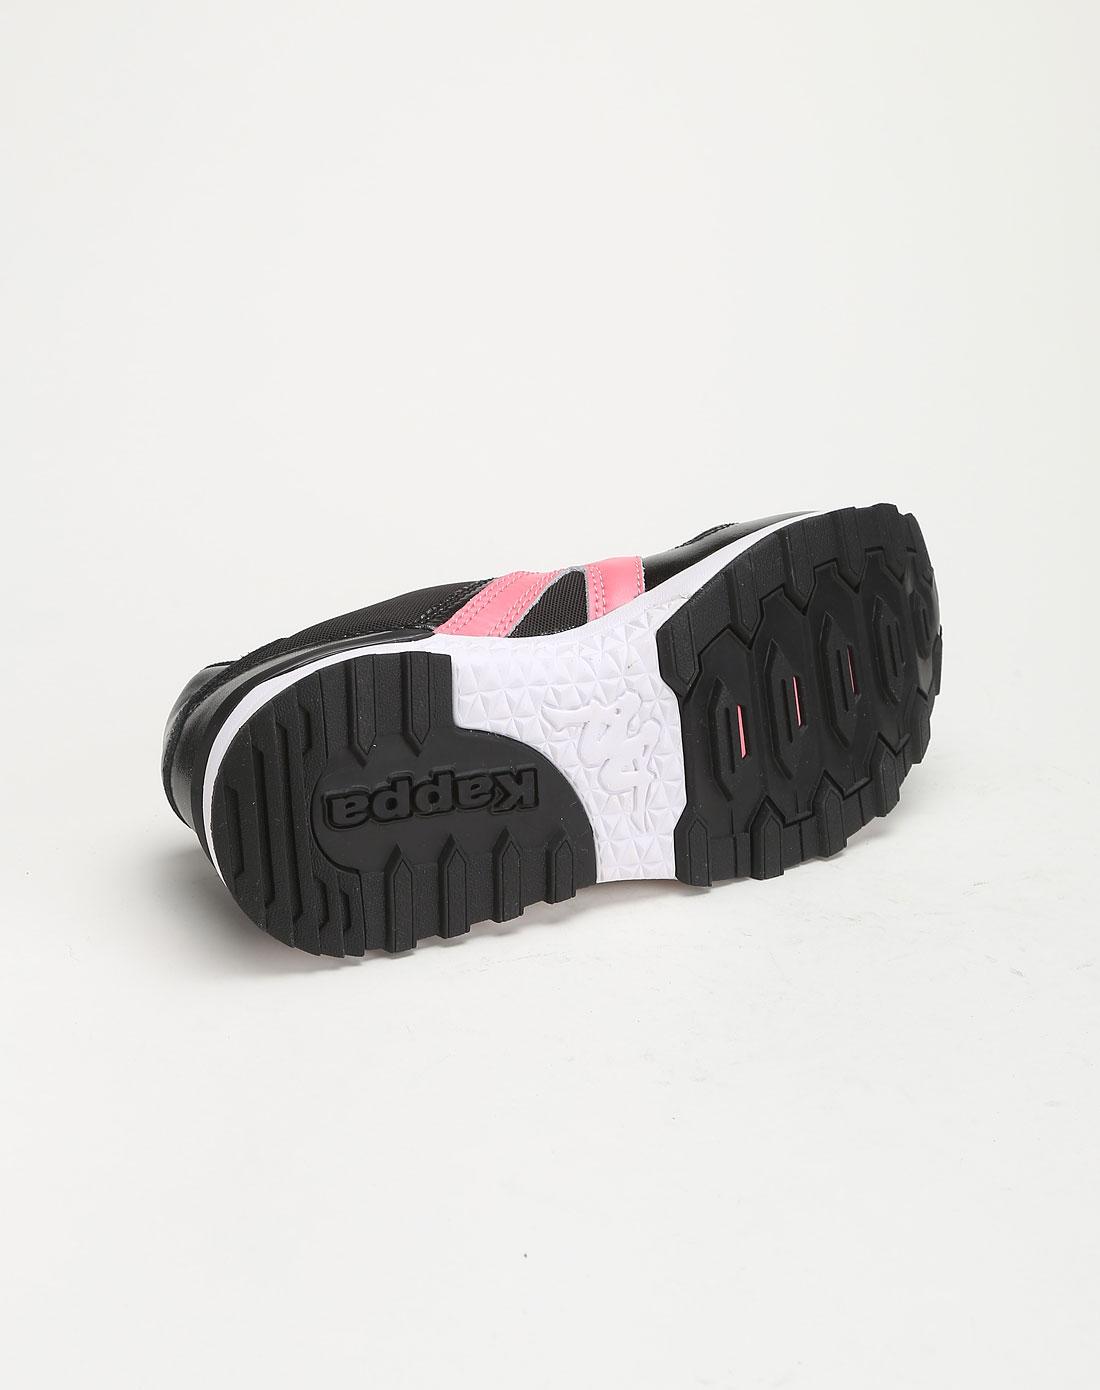 女款黑/粉/白色时尚休闲鞋